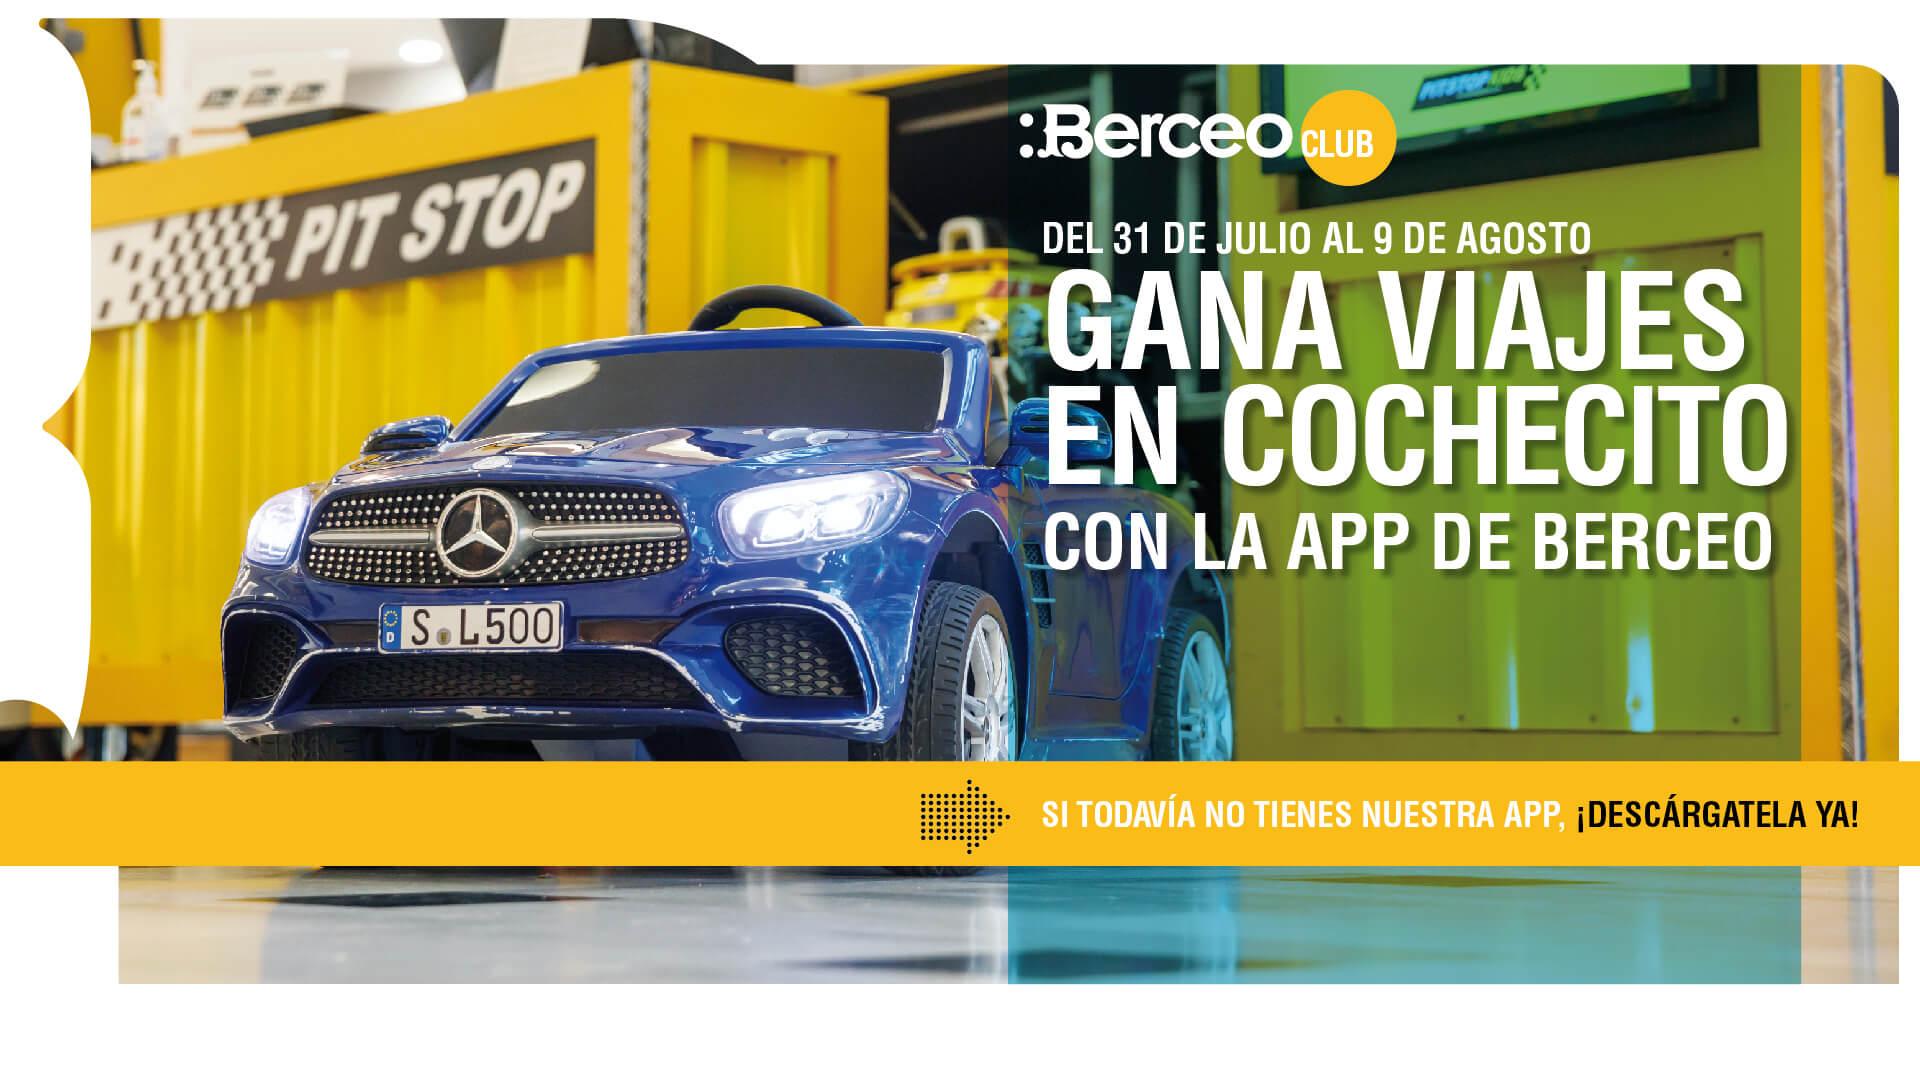 coche_berceo